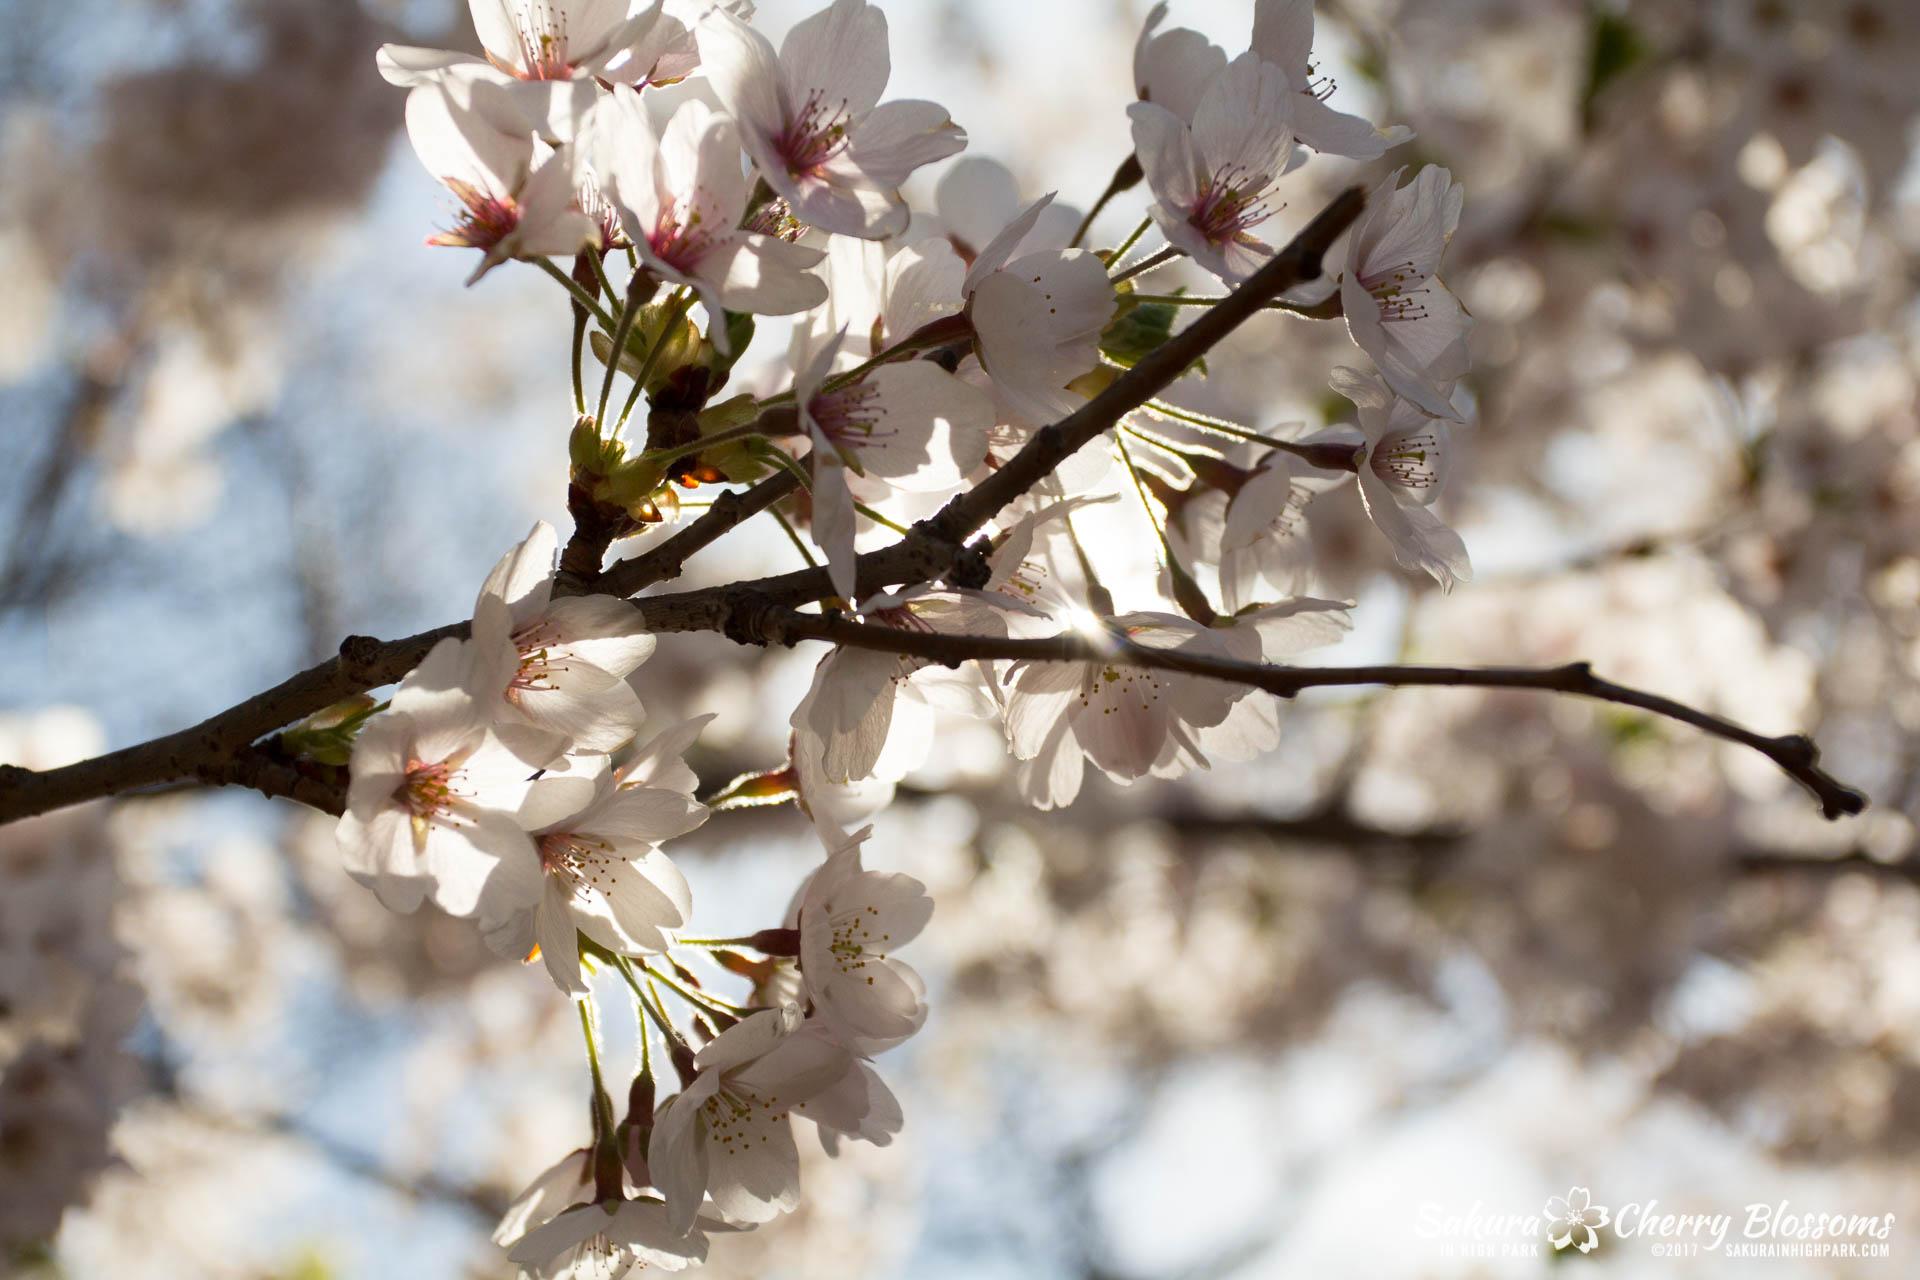 Sakura-Watch-April-28-2017-full-bloom-throughout-High-Park-5637.jpg